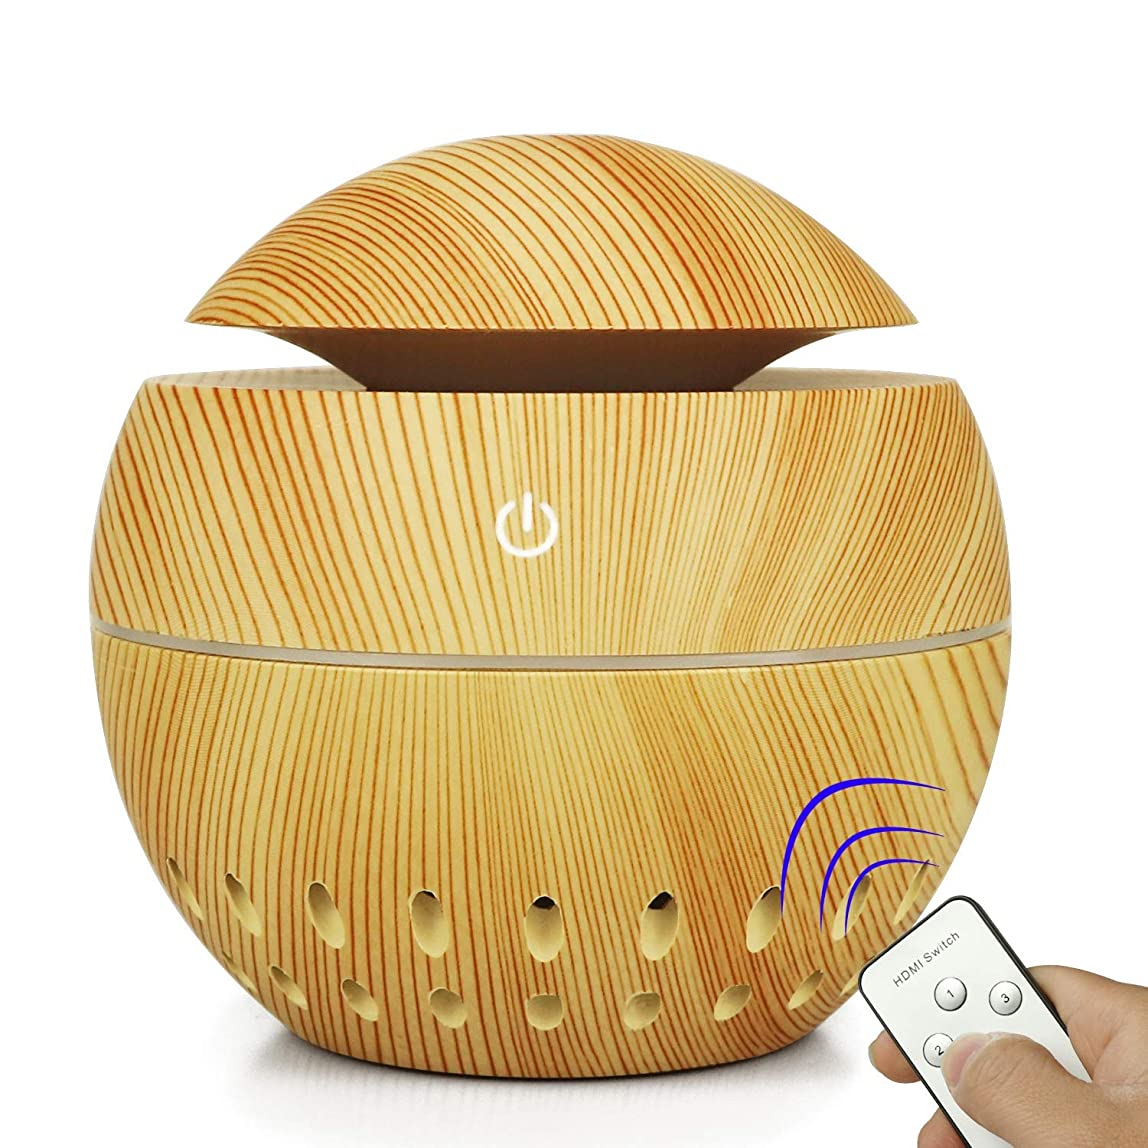 言語ガレージ醜い加湿器USBウッドグレイン中空加湿器きのこ総本店小型家電 (Color : Brass, Size : 100MM*105MM)